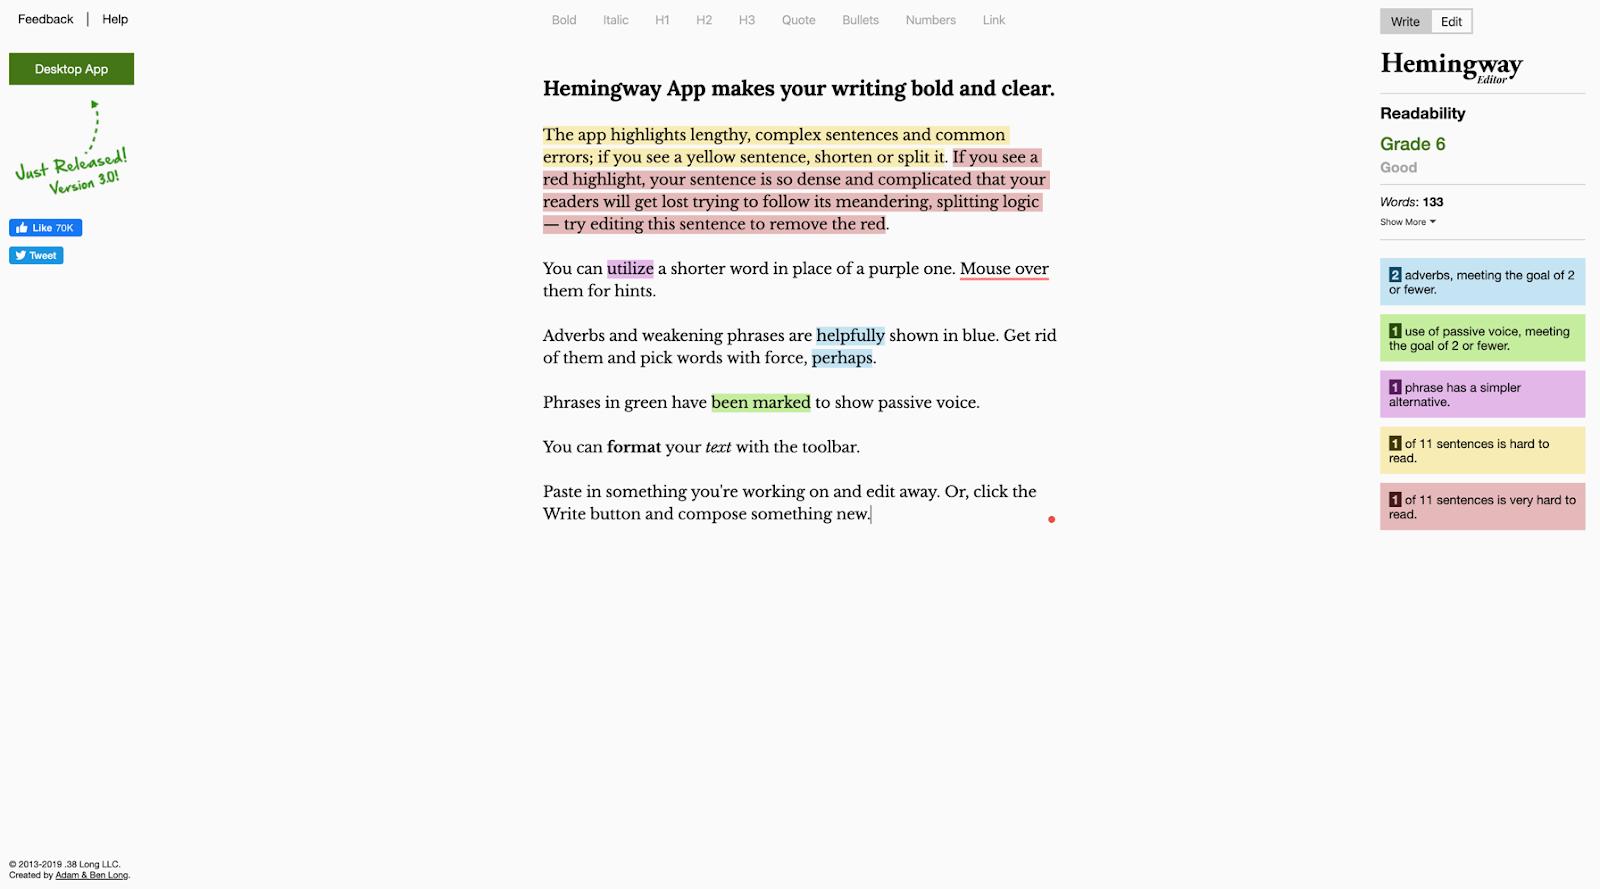 Screenshot of Hemingway app